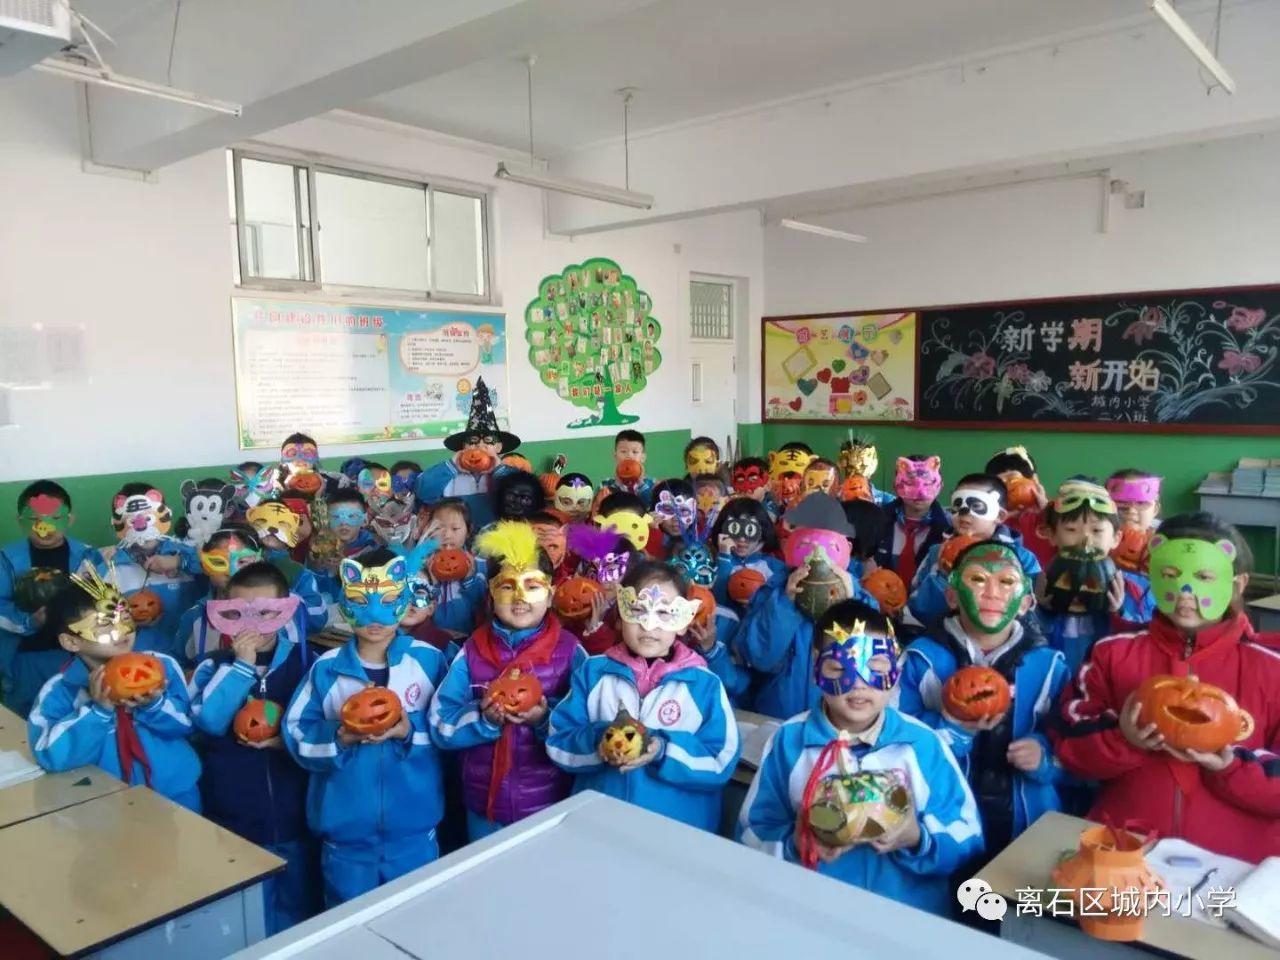 校园南瓜节:让孩子乐翻天校园研学课程